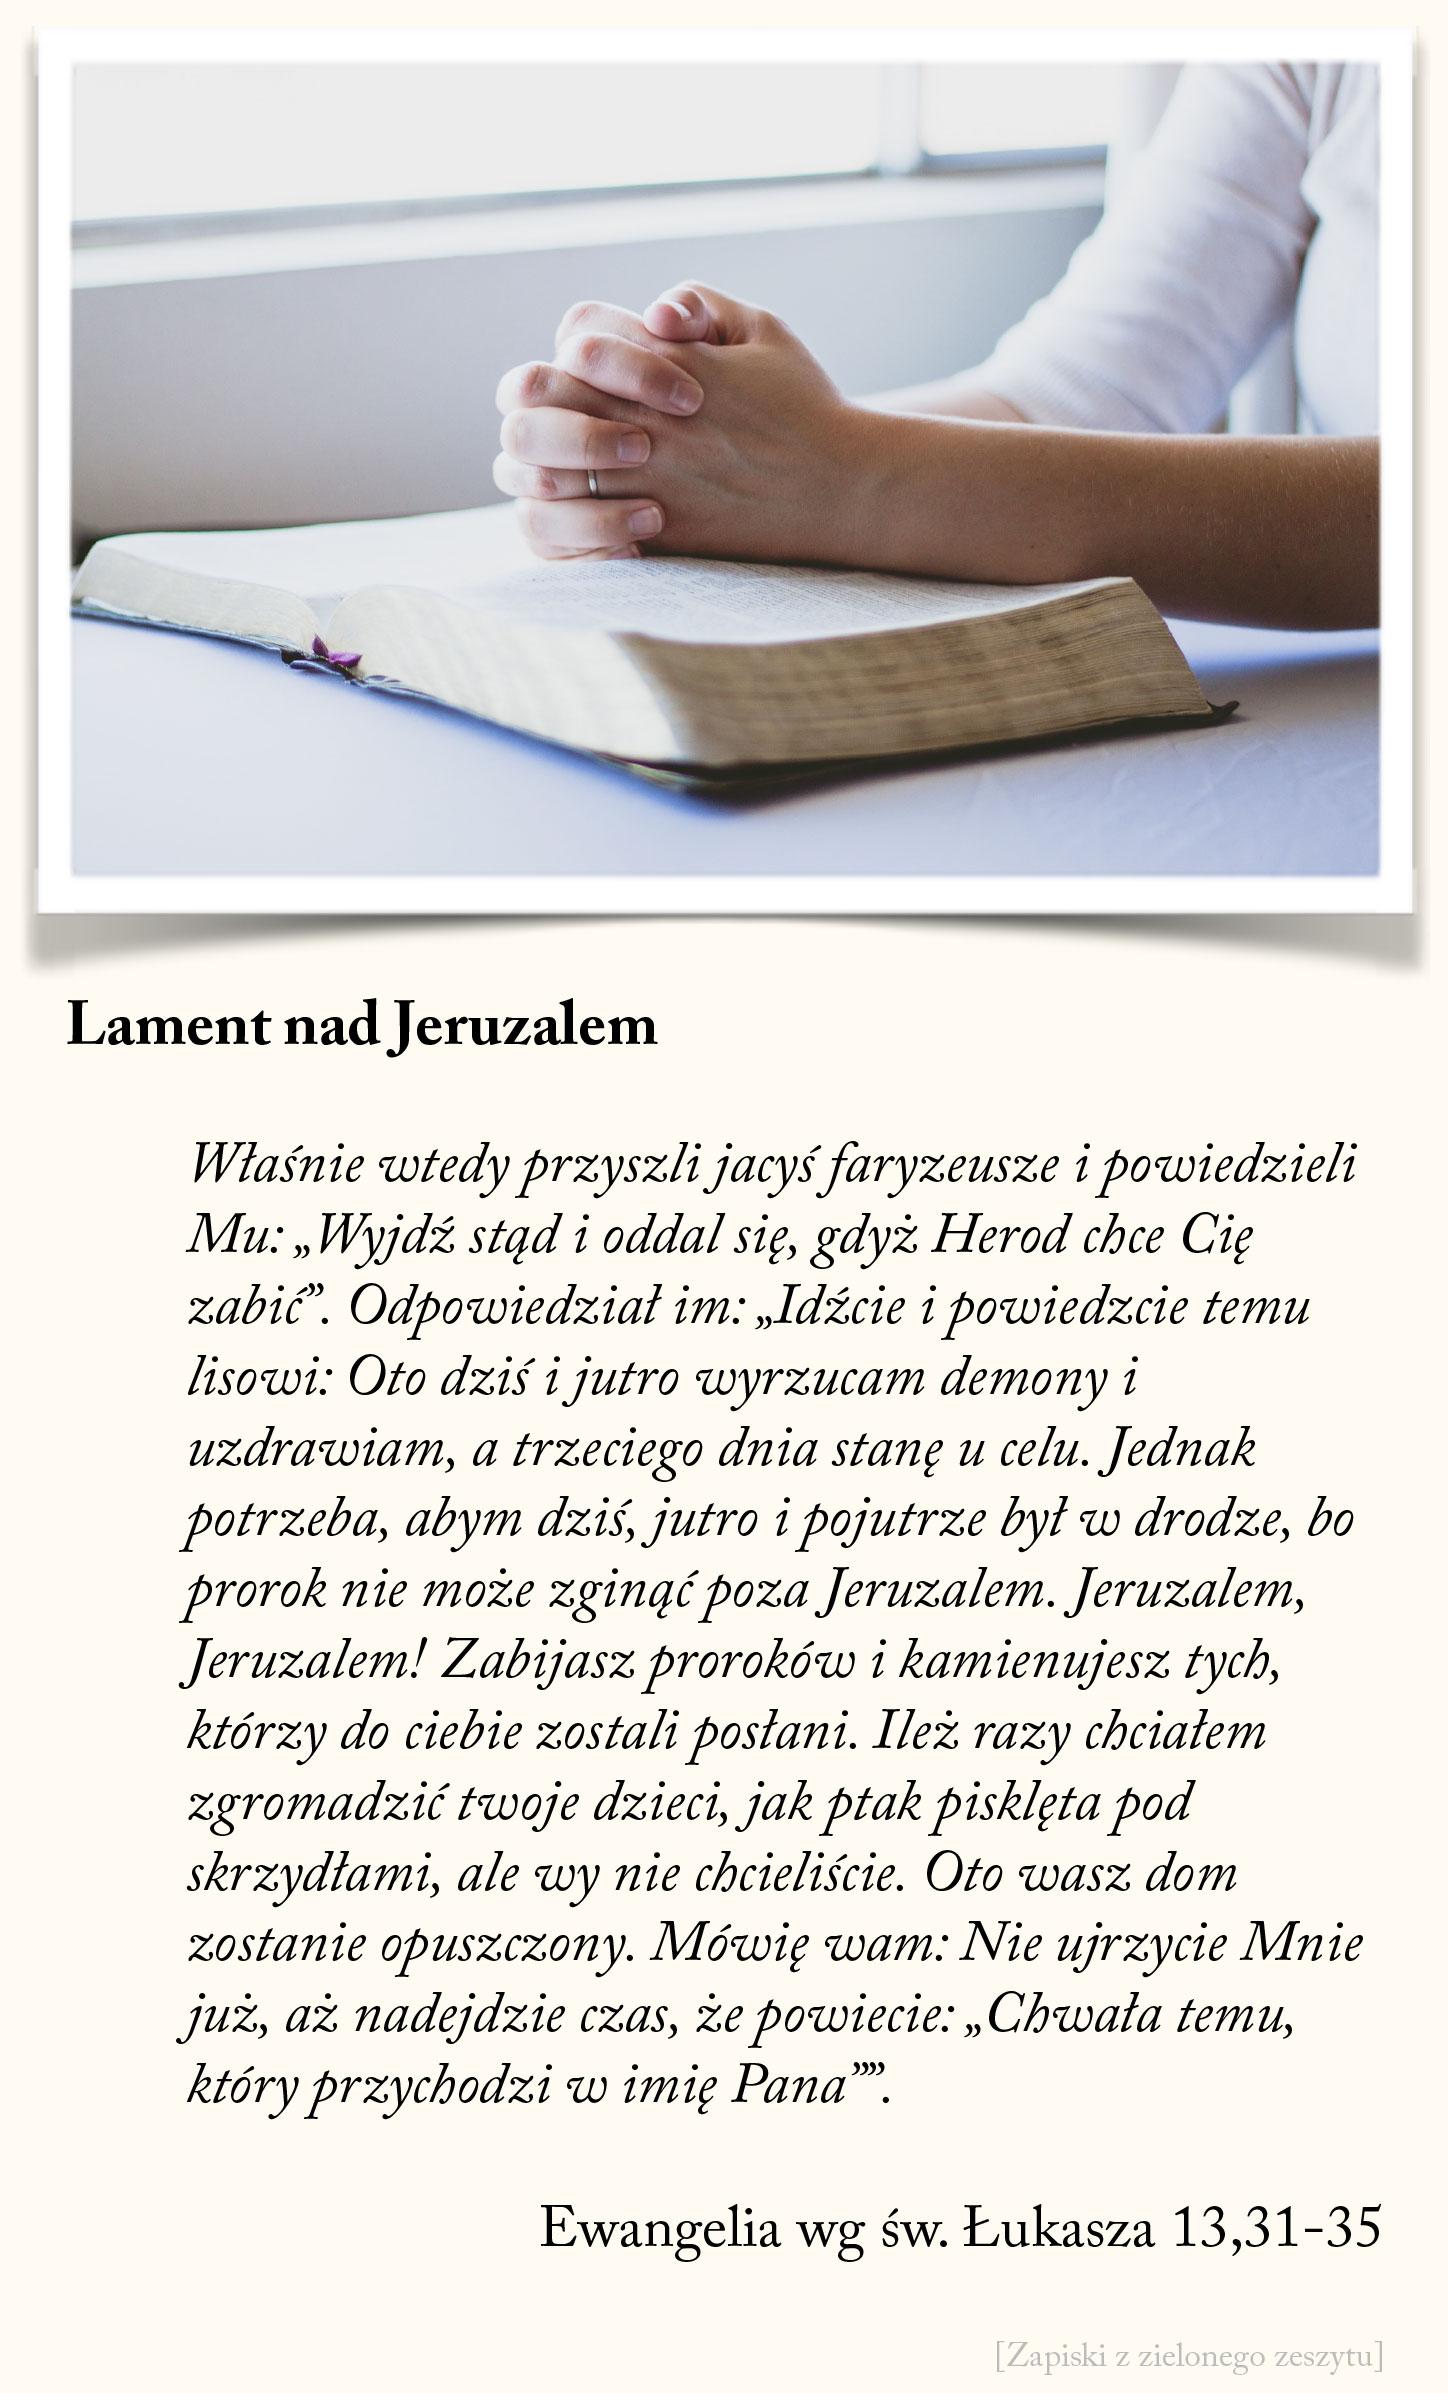 Lament nad Jeruzalem, Ewangelia wg św. Łukasza